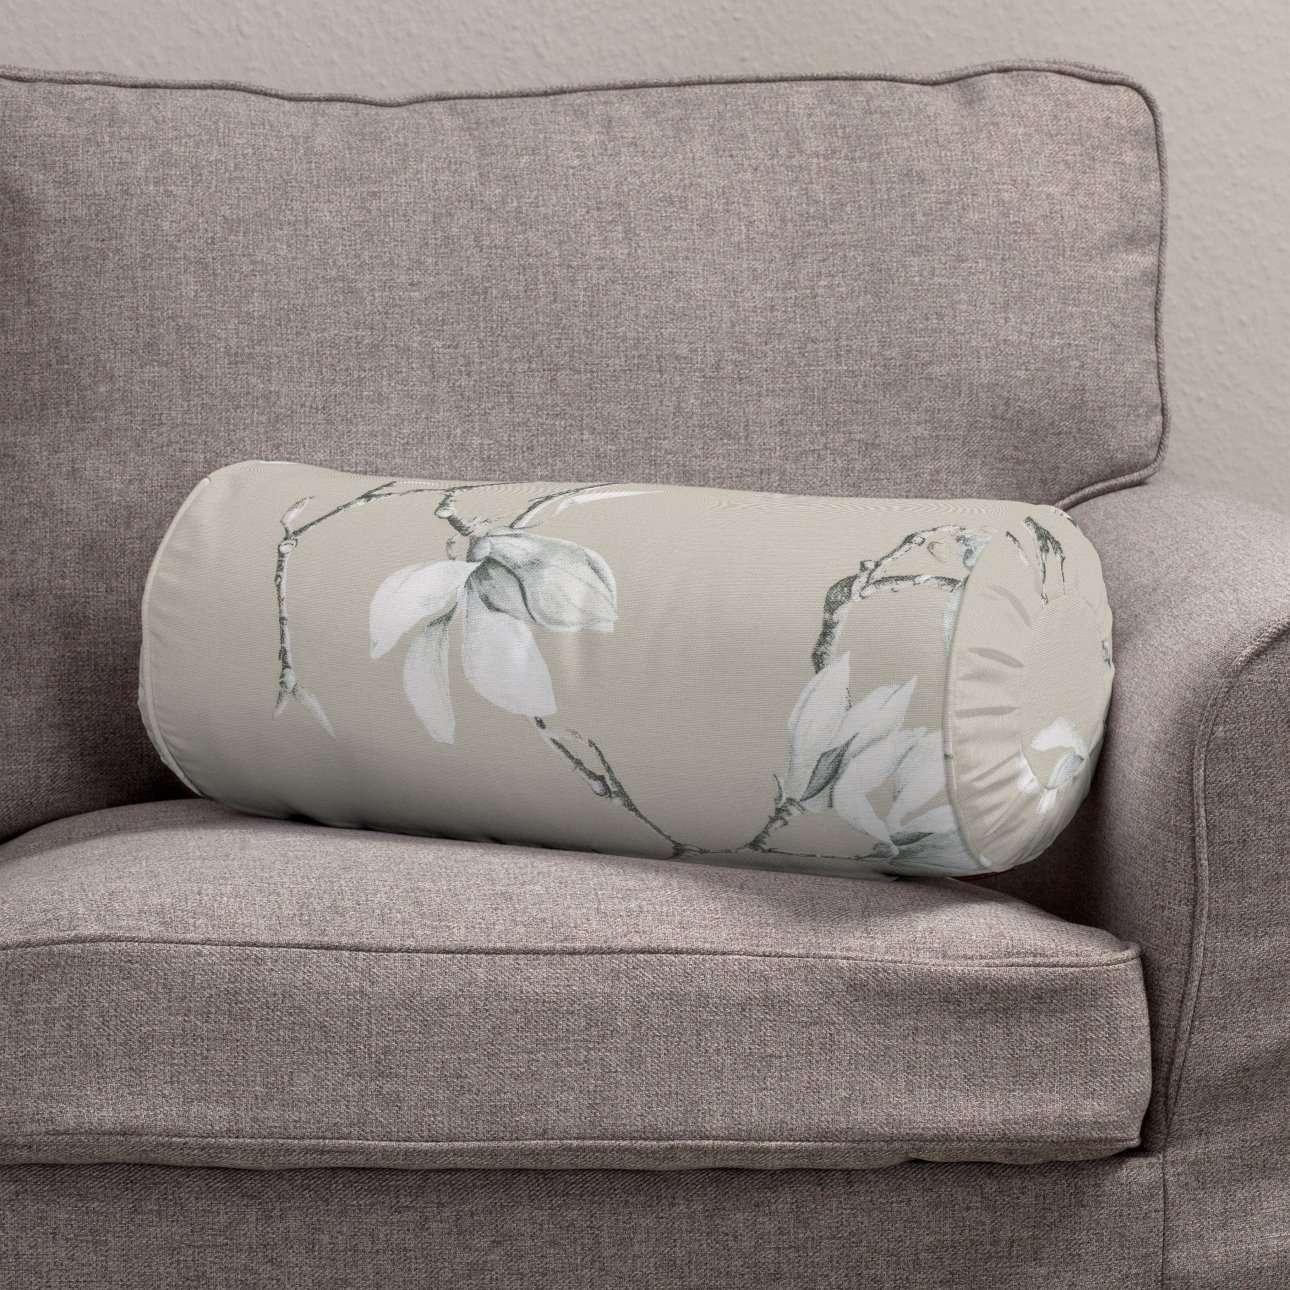 Poduszka wałek z zakładkami Ø 20 x 50 cm w kolekcji Flowers, tkanina: 311-12